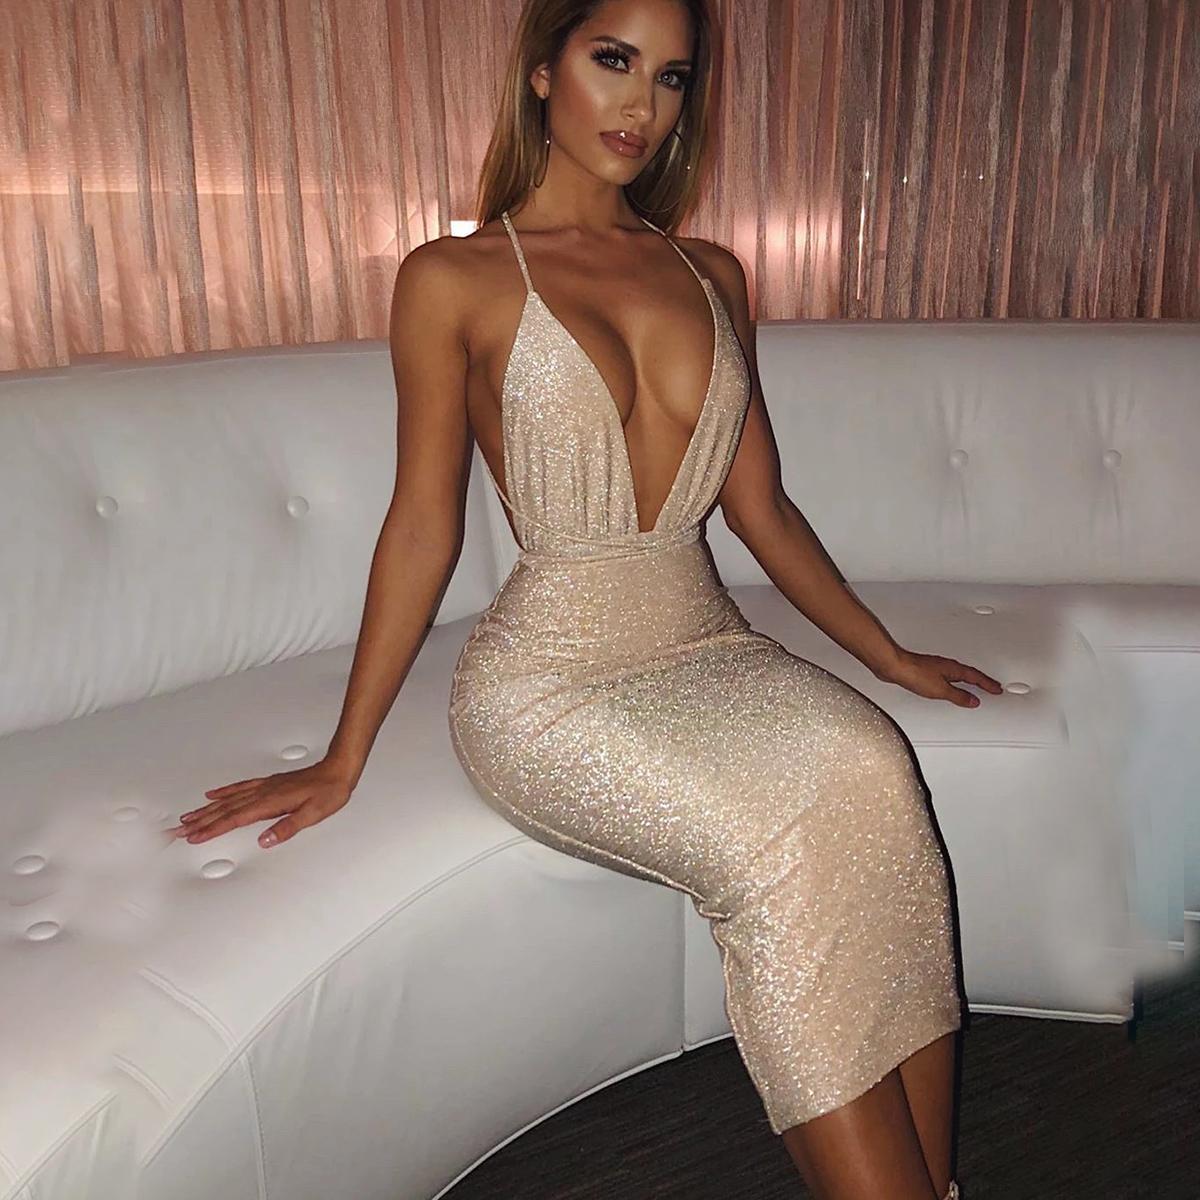 여자 드레스 골드 깊은 V 넥 스파게티 스트랩 미디 드레스 섹시한 클럽 솔리드 고삐 등이없는 붕대 높은 허리 Bodycon 연필 드레스